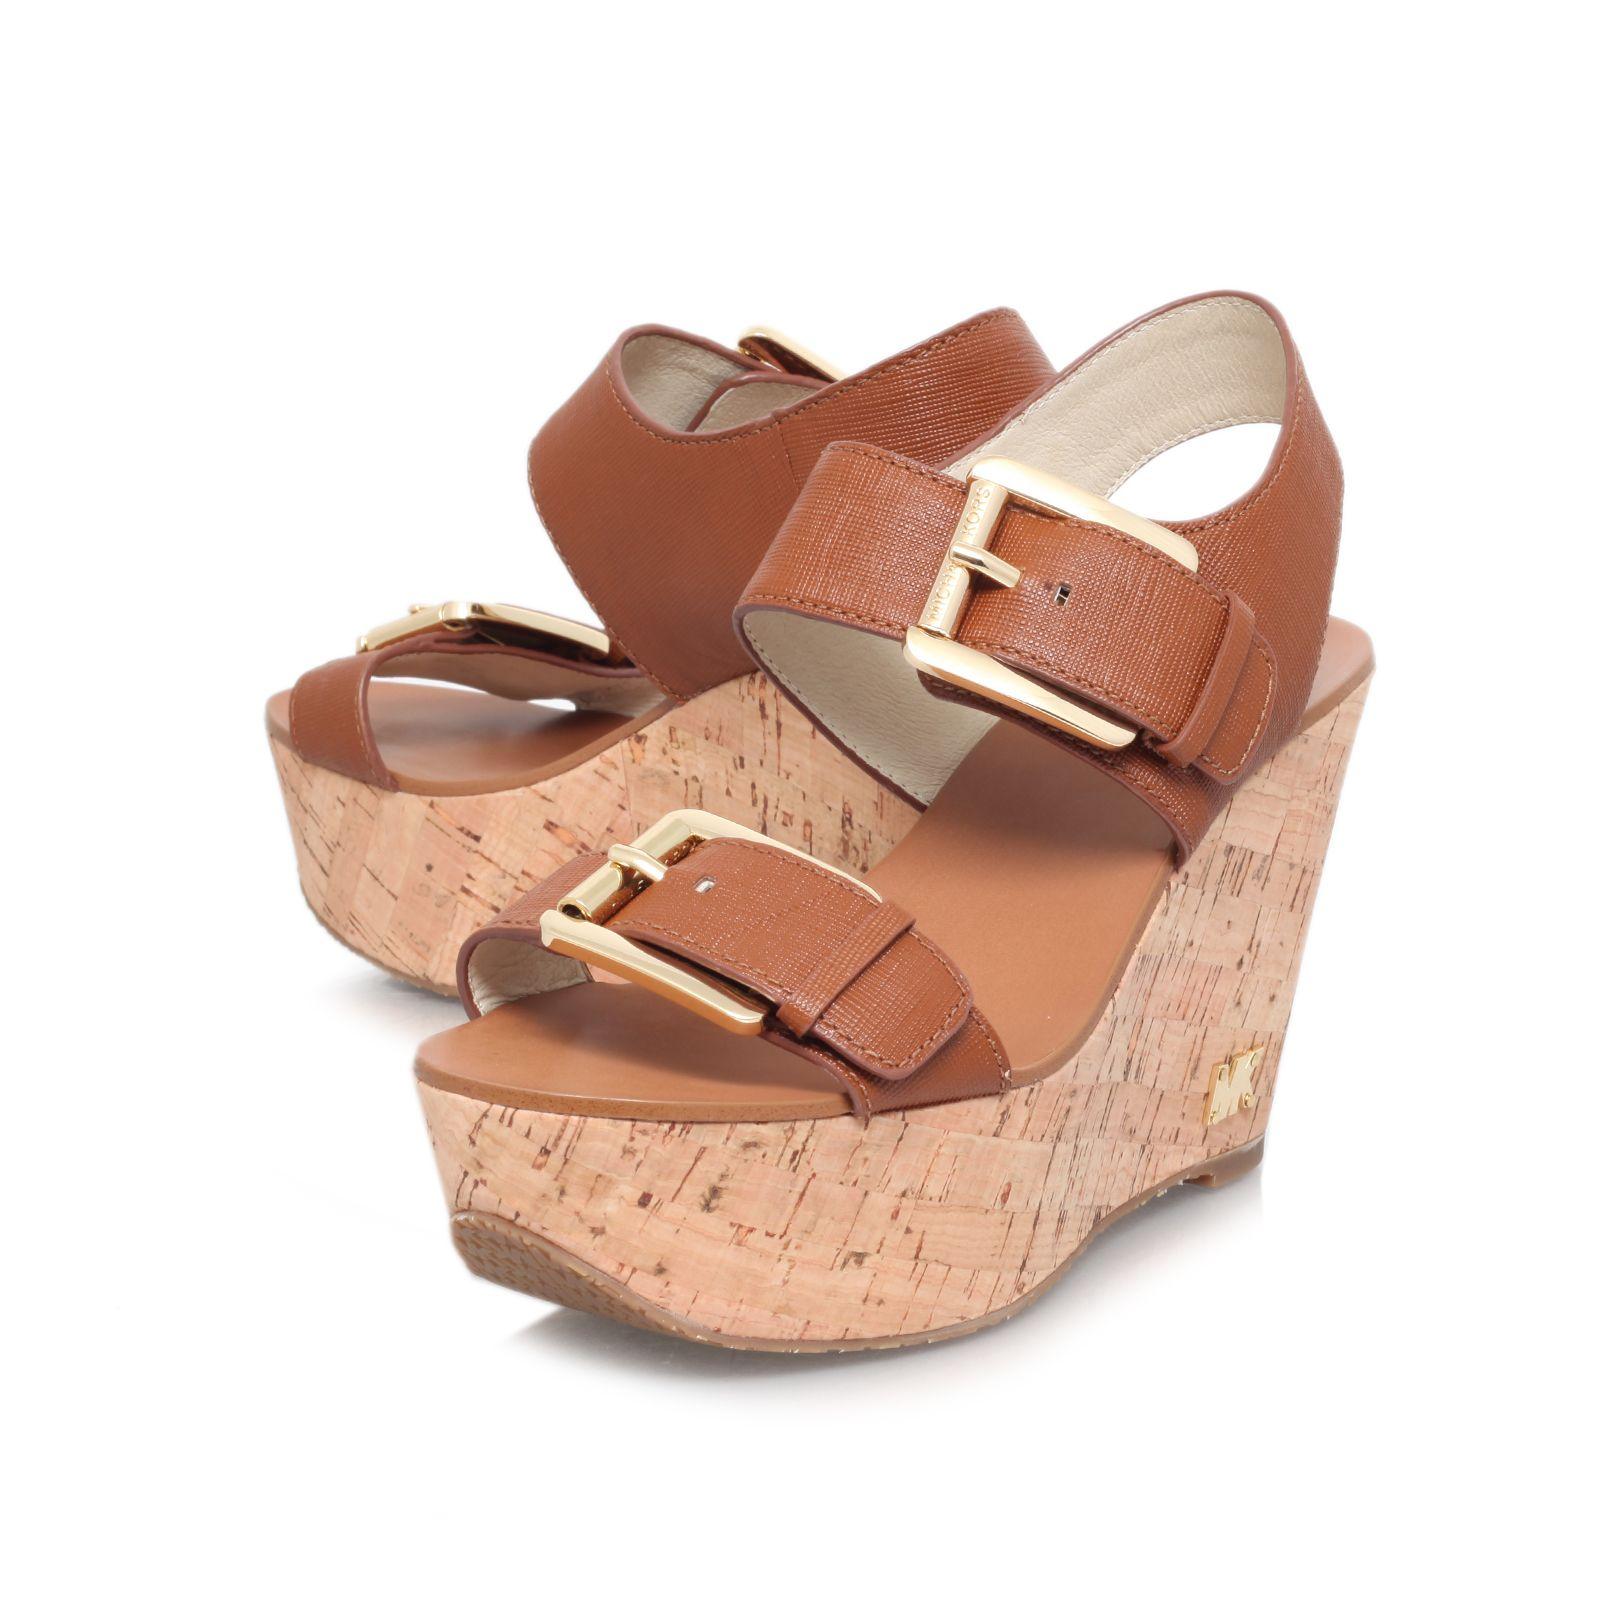 michael kors warren high heel wedge sandals in brown lyst. Black Bedroom Furniture Sets. Home Design Ideas